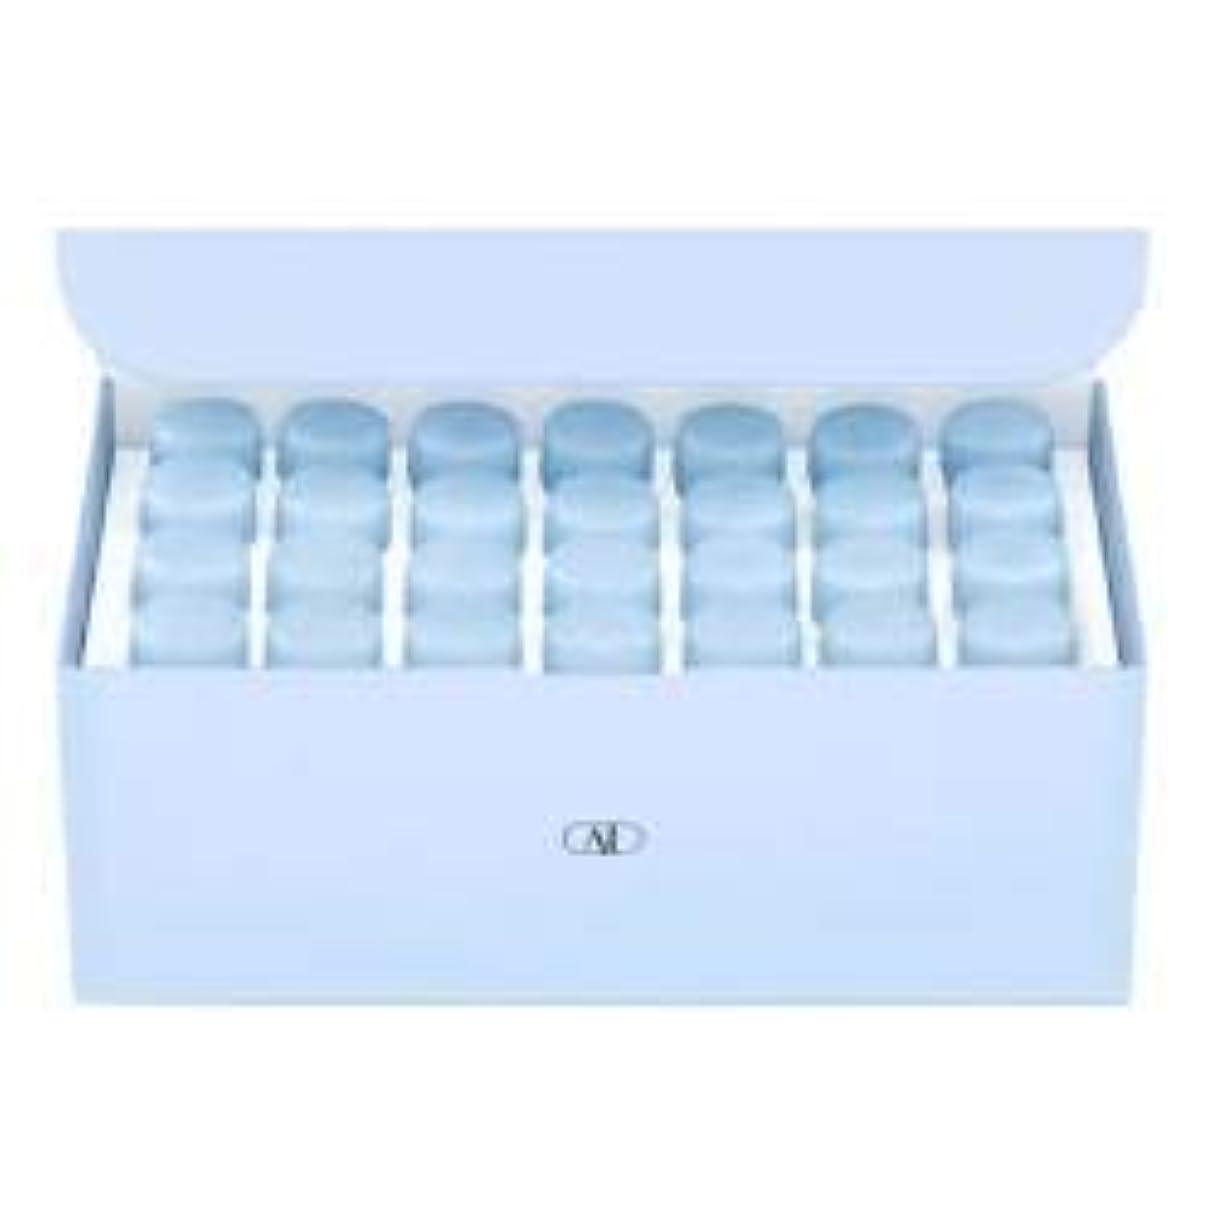 タンパク質行き当たりばったり有名アルビオン エクサージュホワイト ホワイトニング ピュア チャージャー(1.0ml×28本)<医薬部外品>